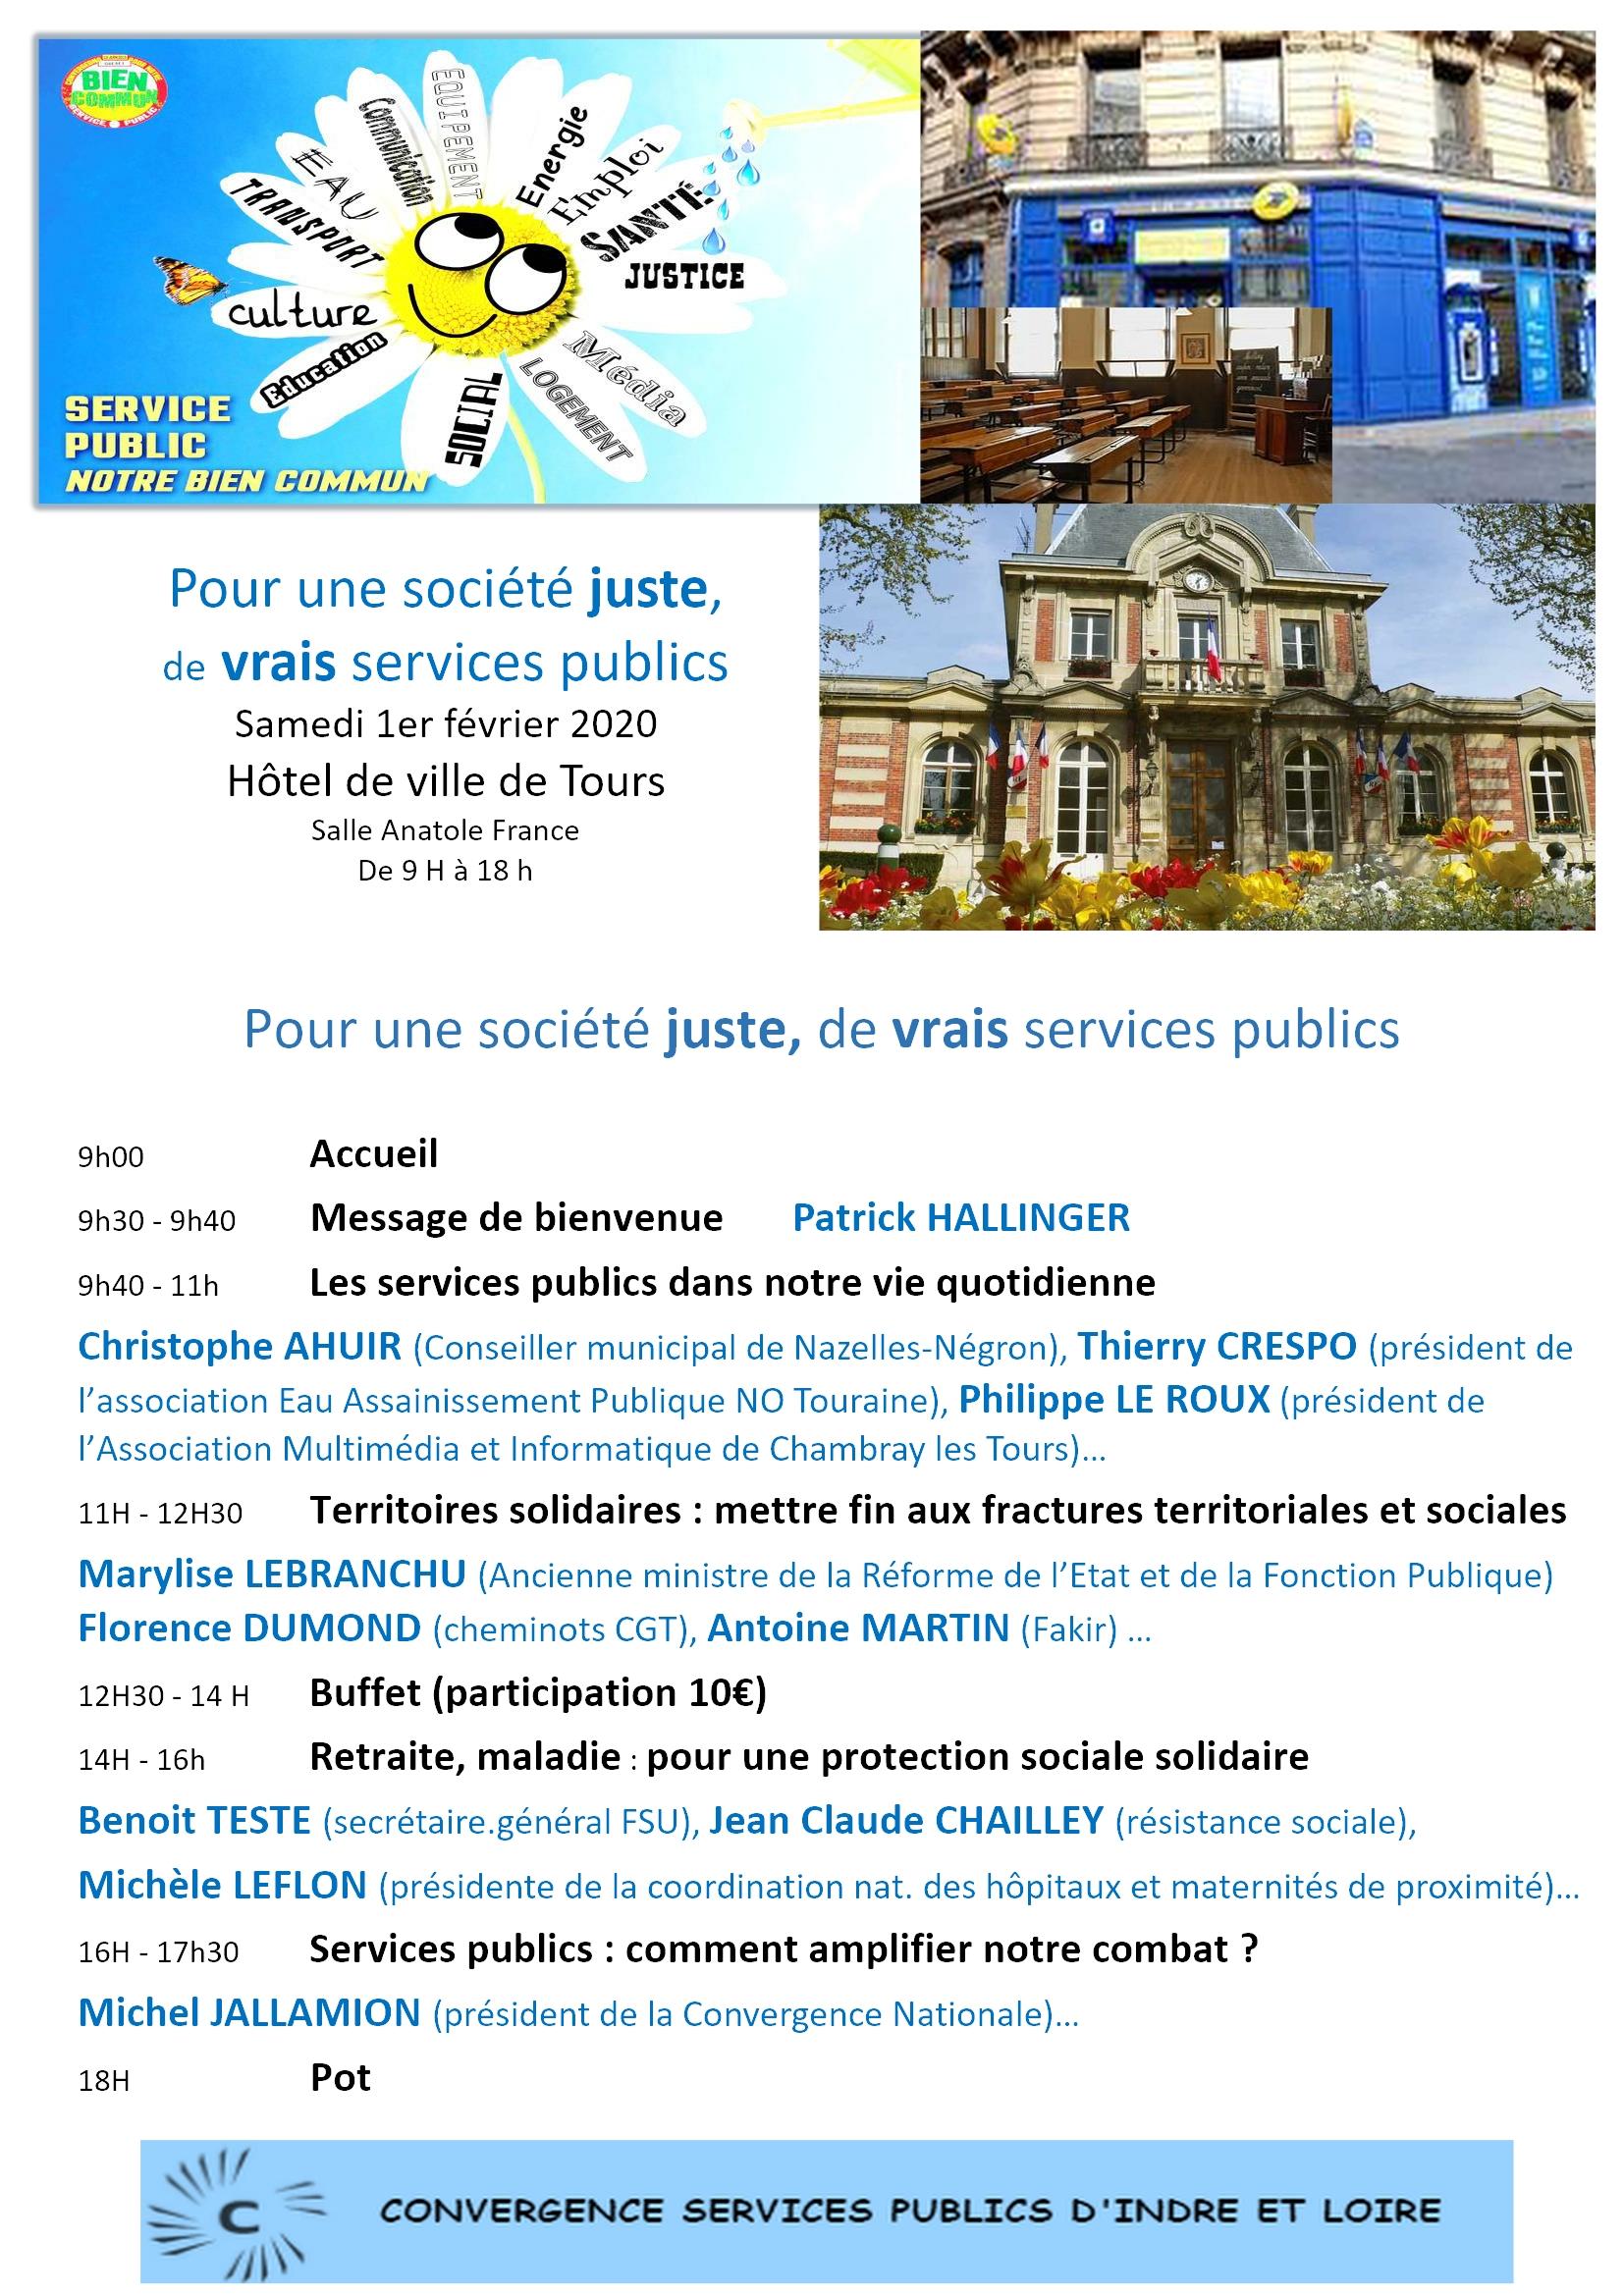 Journée Srvice publics Tours [Affiche]